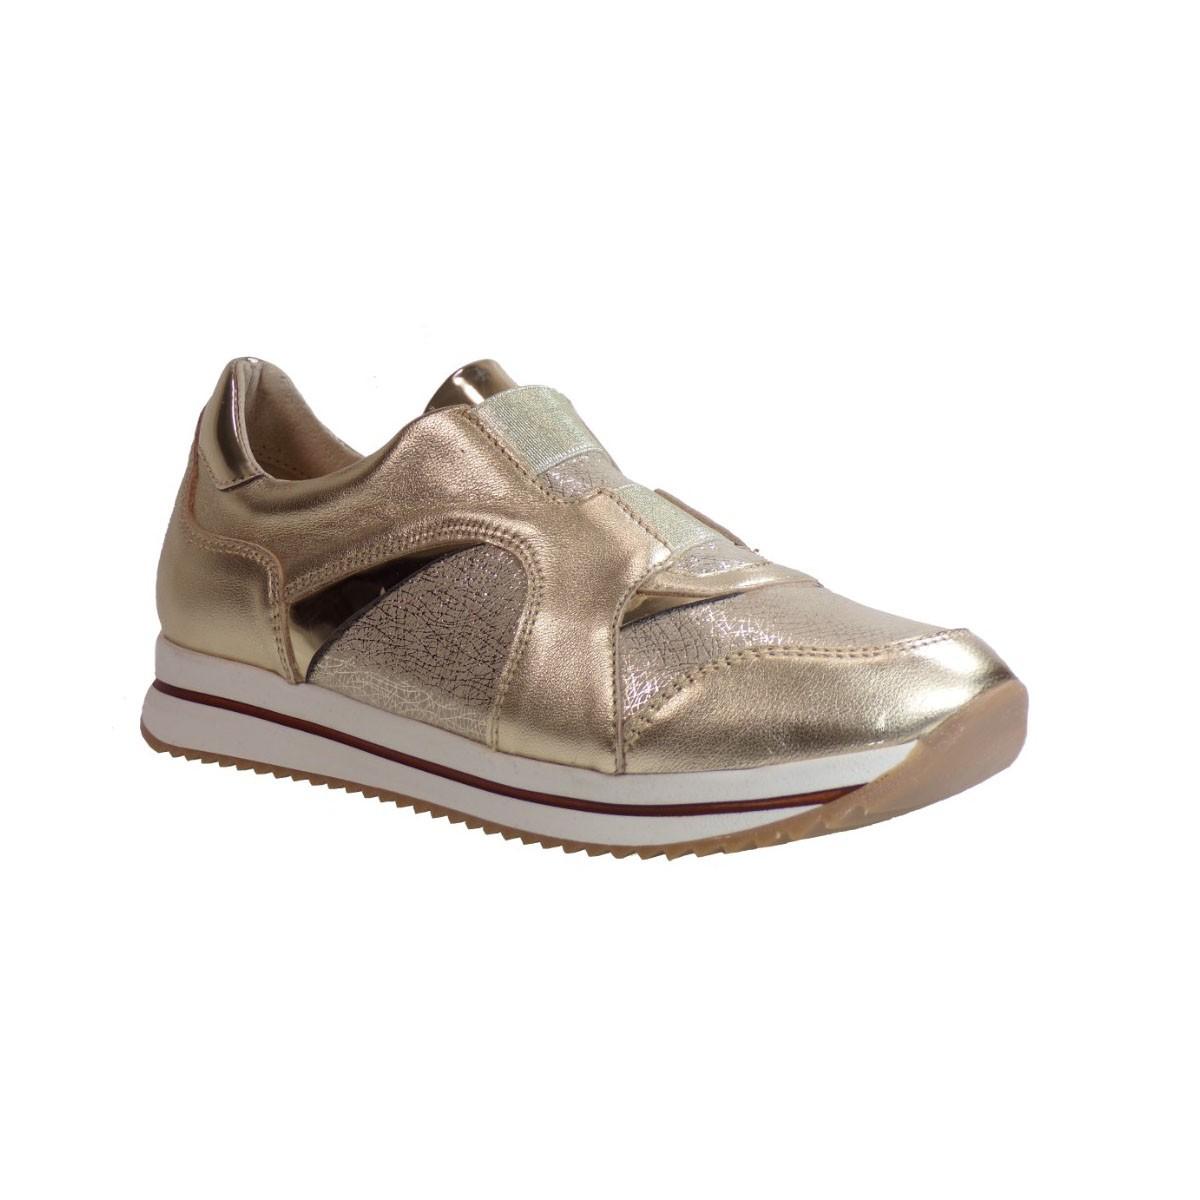 Fardoulis Shoes Γυναικεία Παπούτσια Sneakers 108 Πλατίνα Fardoulis 108 Πλατίνα